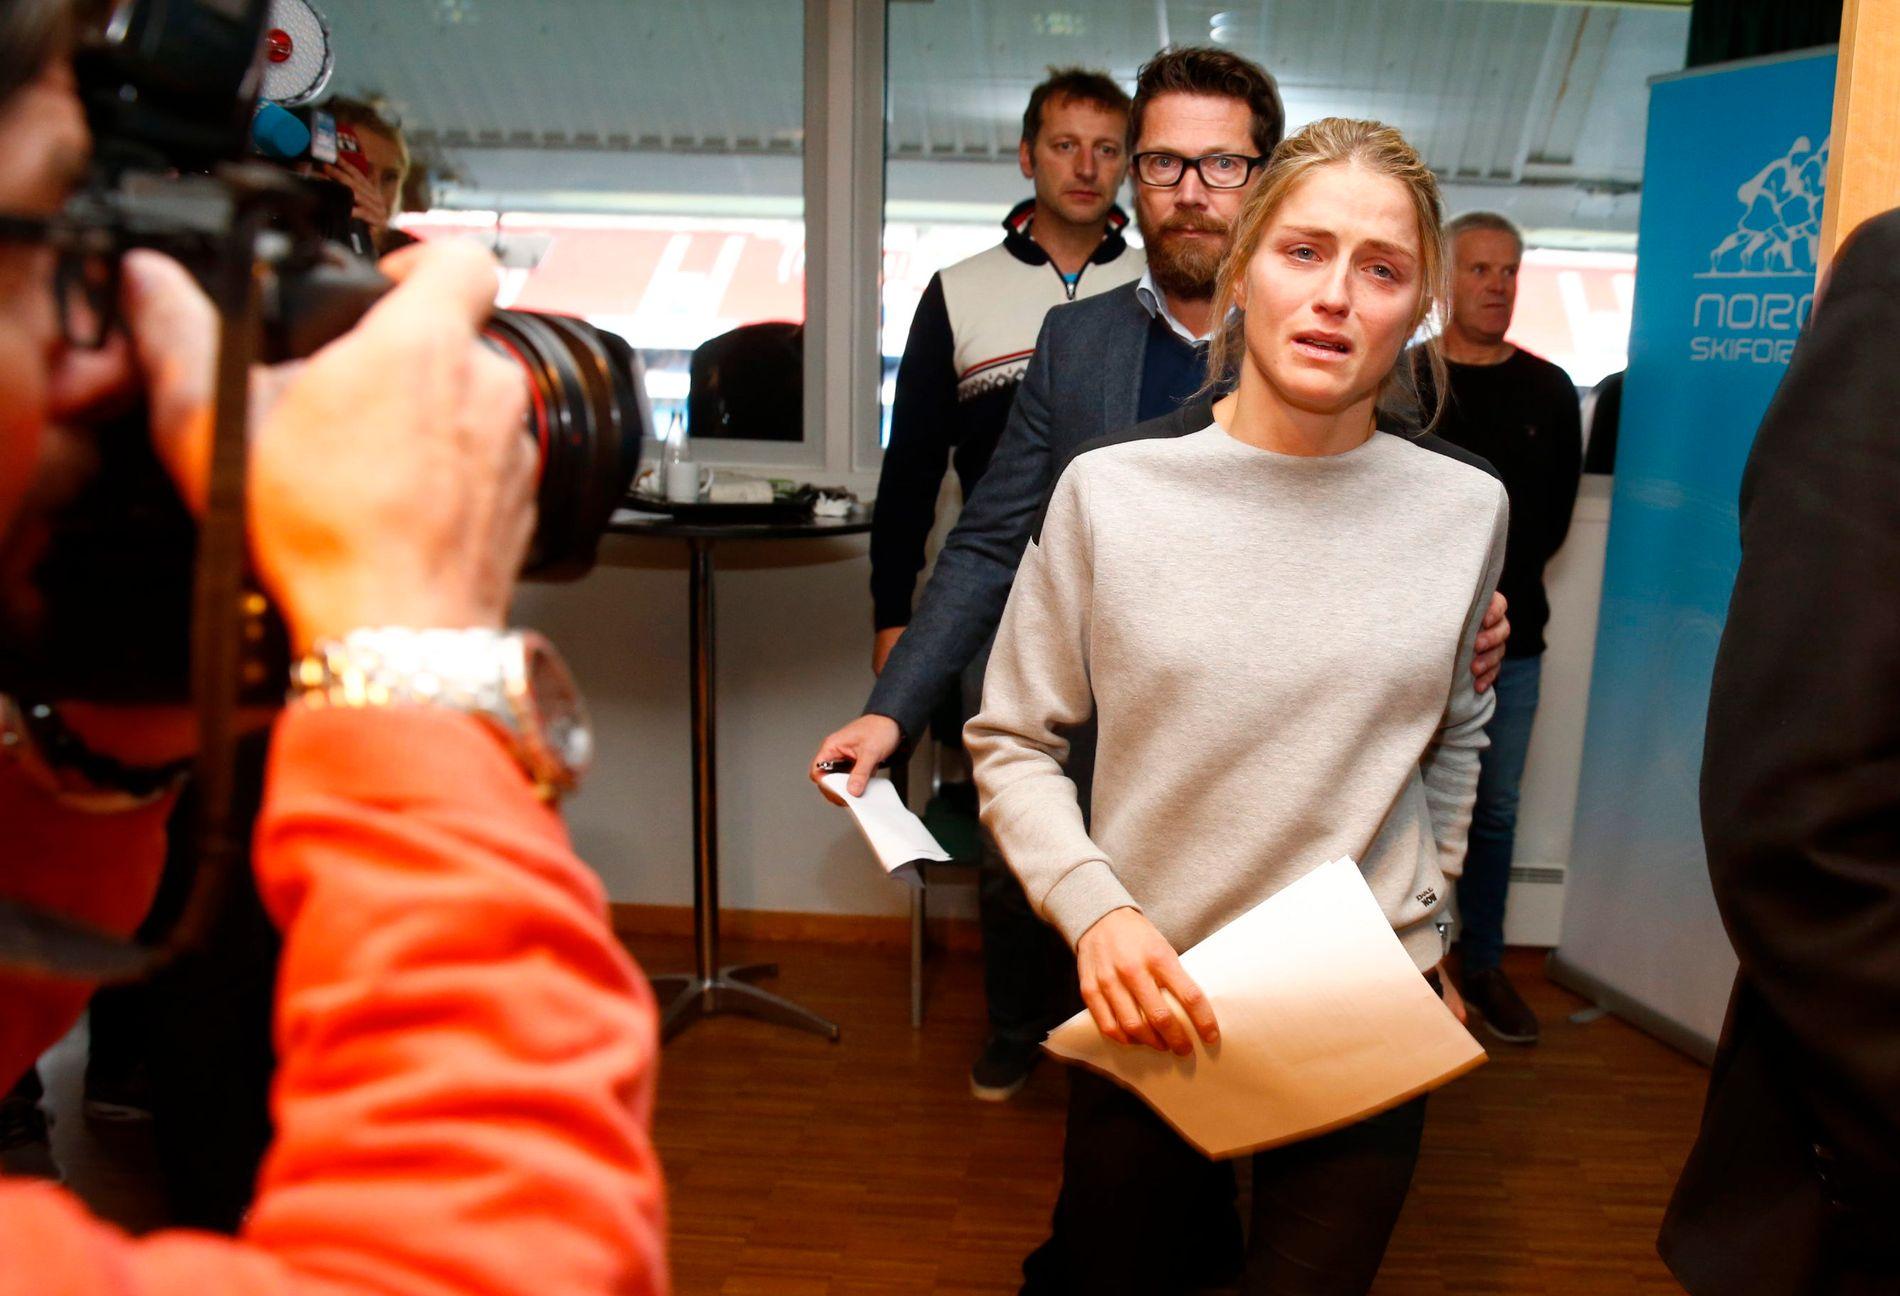 DOPINGSJOKKET: Torsdag 13. oktober ble det kjent at Therese Johaug hadde avlagt positiv dopingprøve. Nå er hun foreløpig suspendert i to måneder.